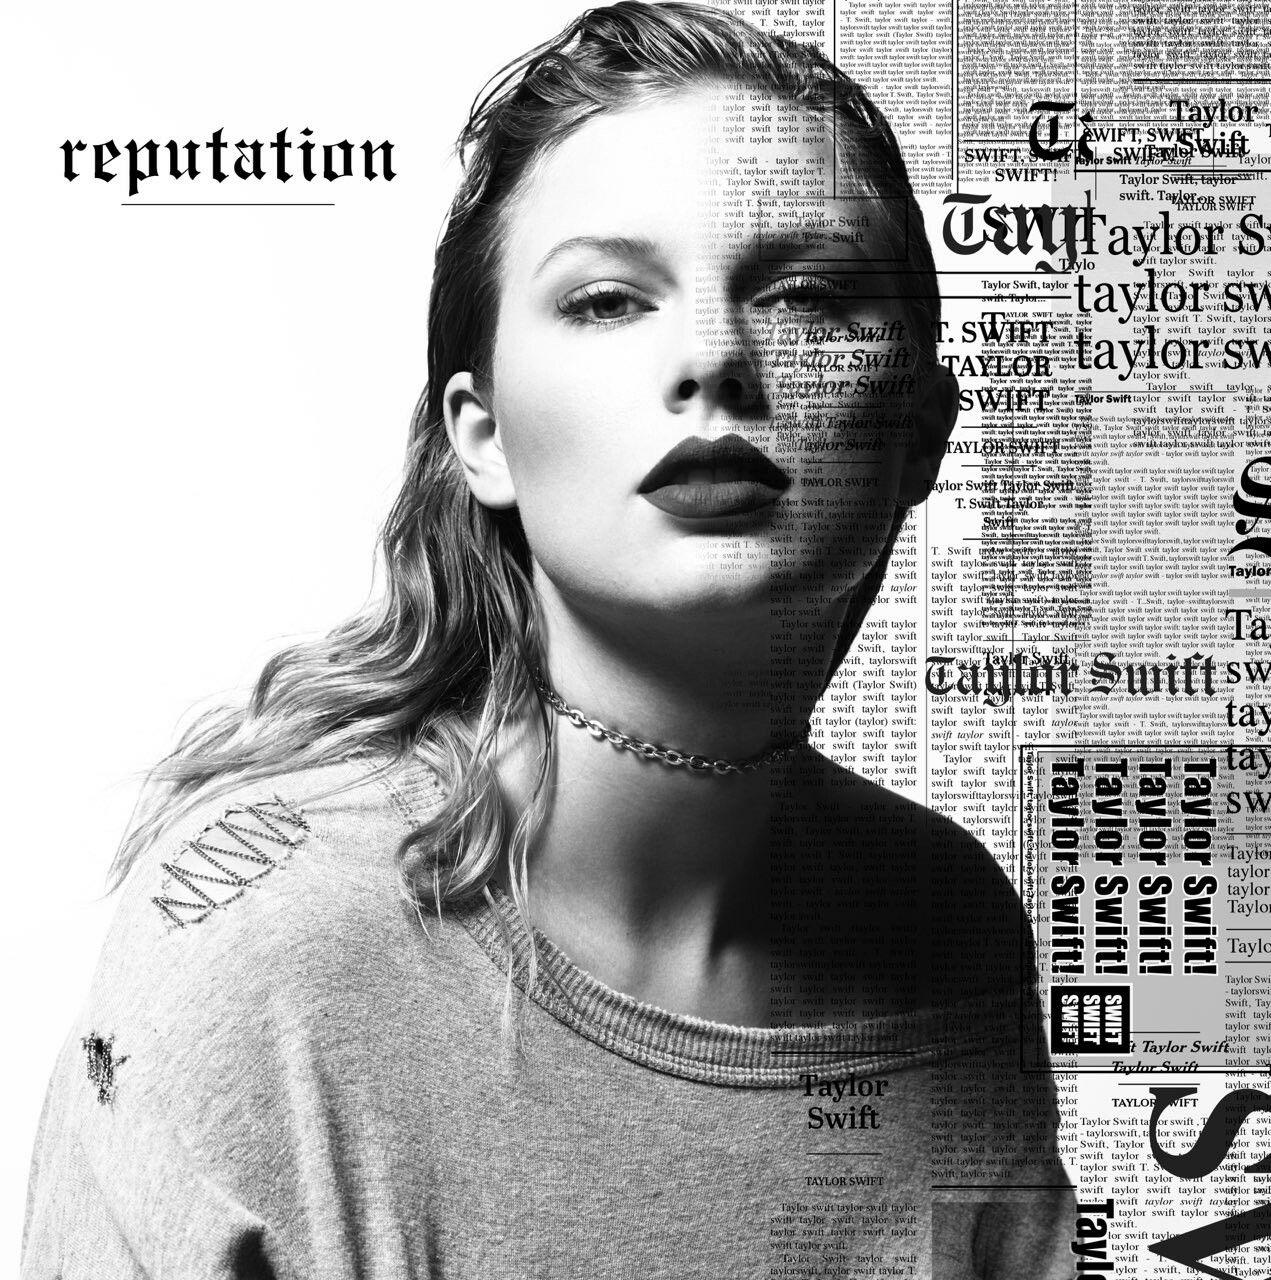 Taylorswift Reputation Ts6 Taylor Swift Album Country Muzik